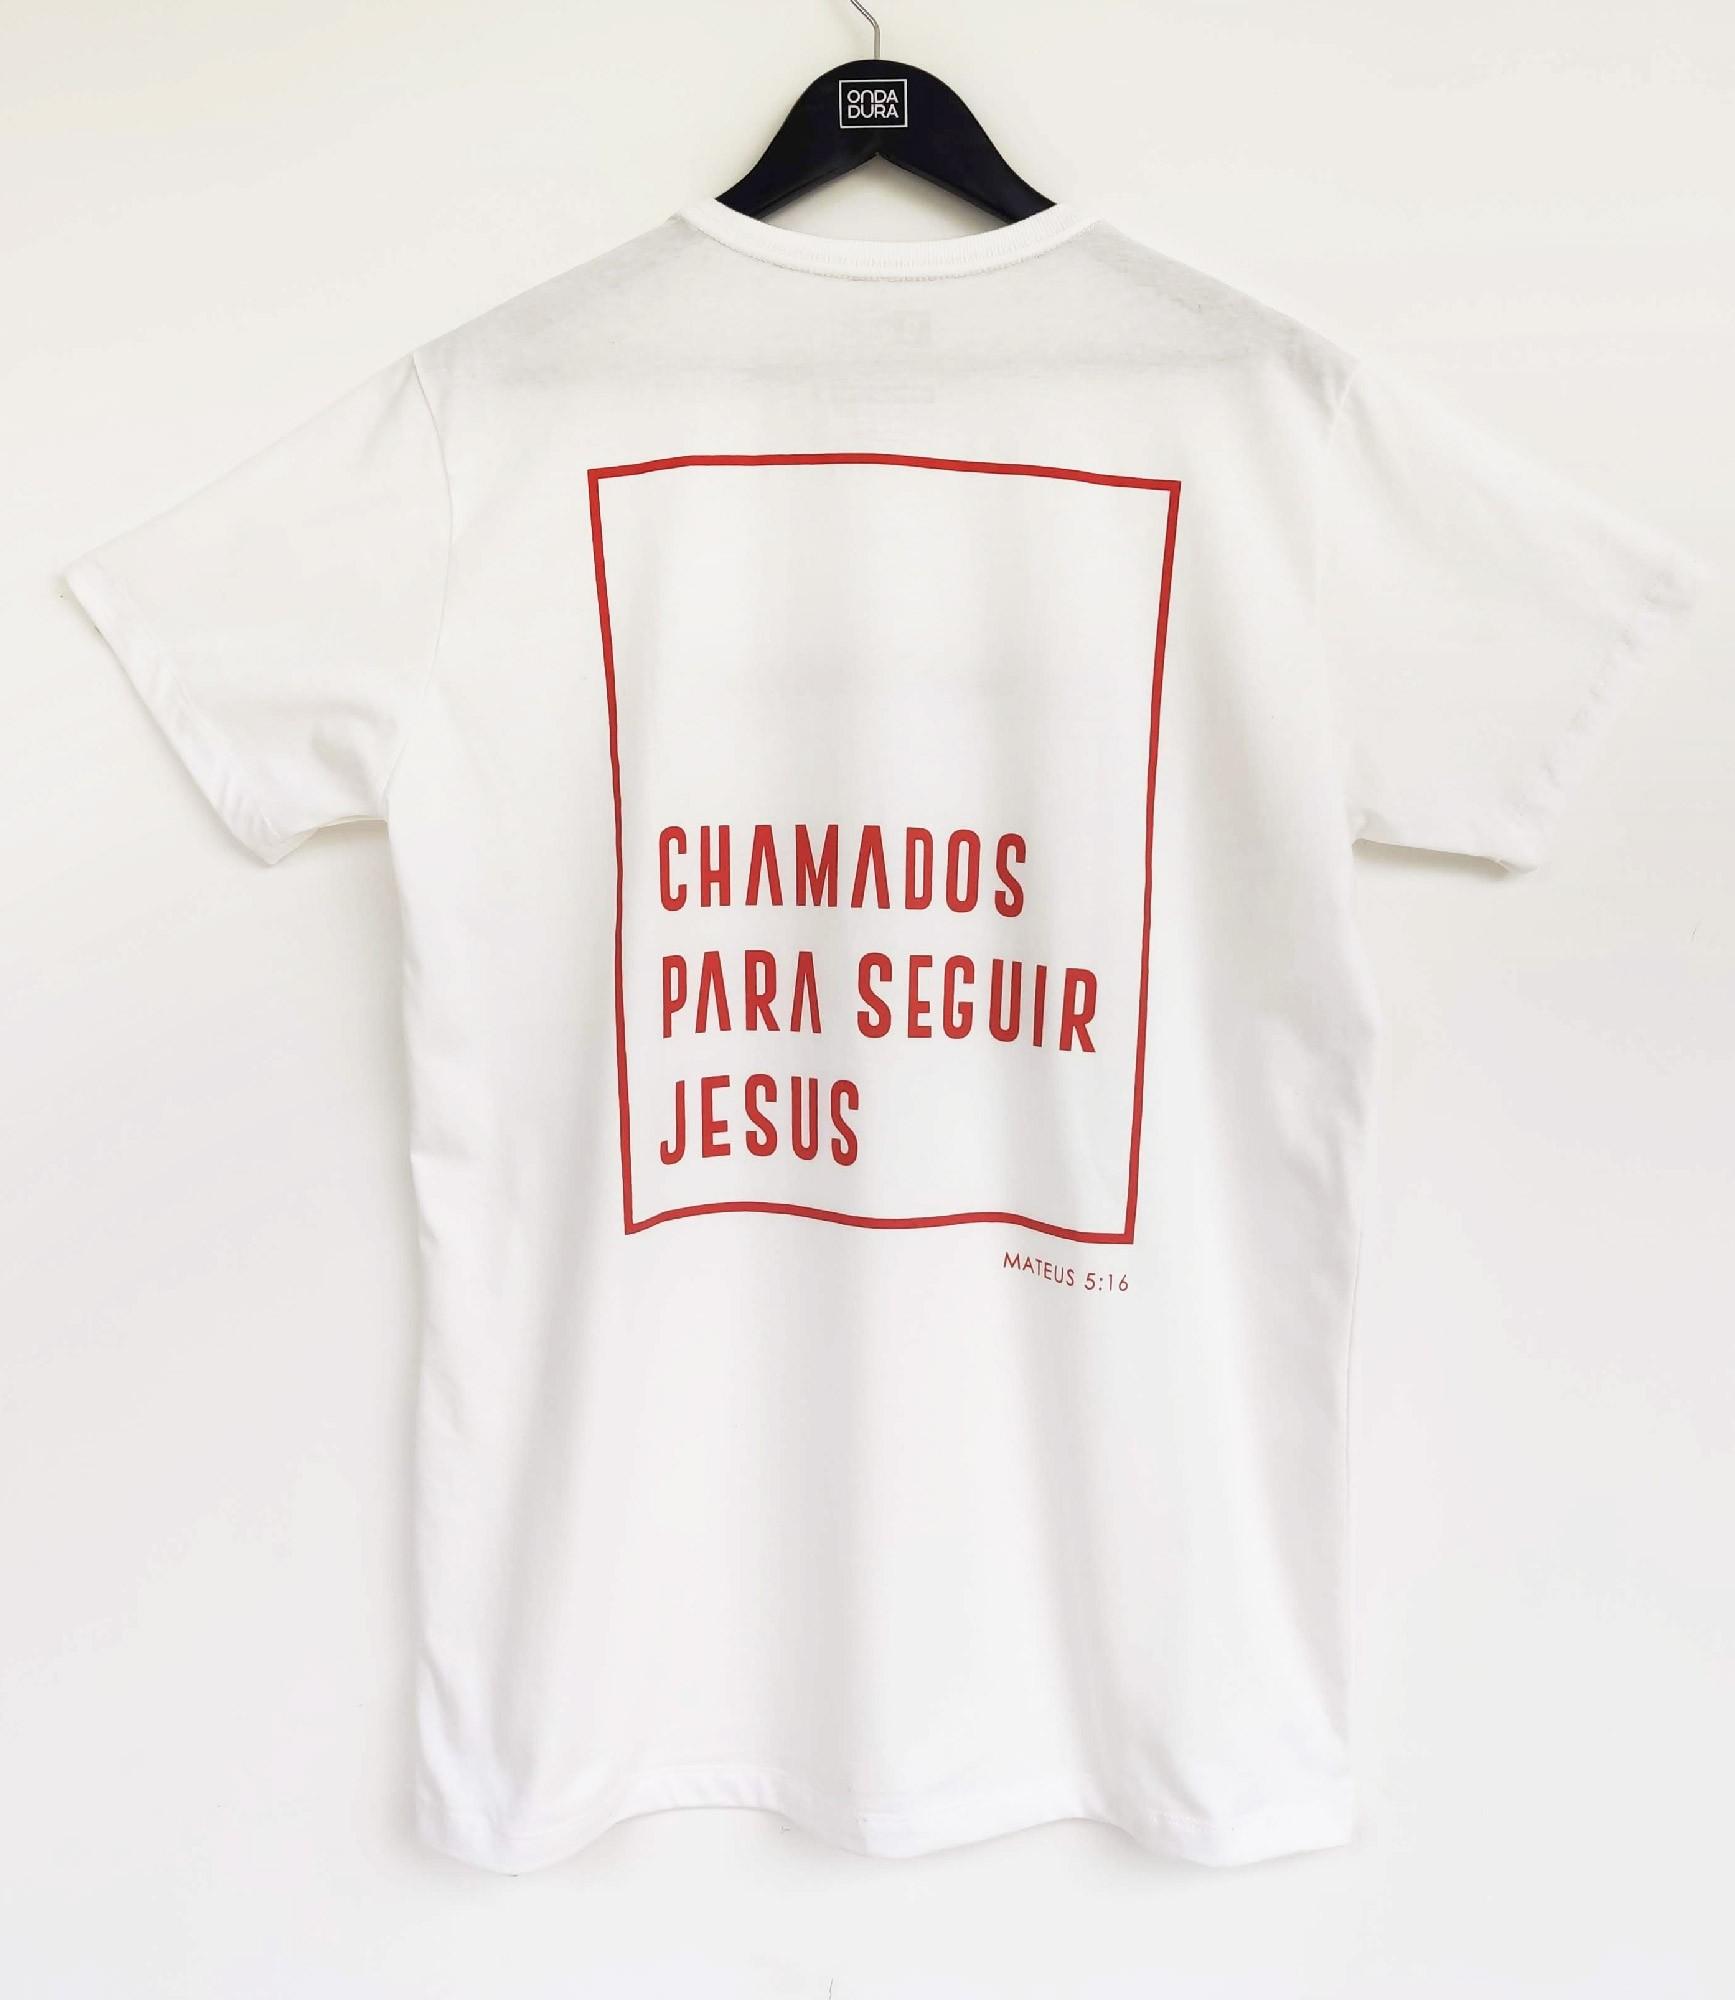 Camiseta chamados pra seguir Jesus